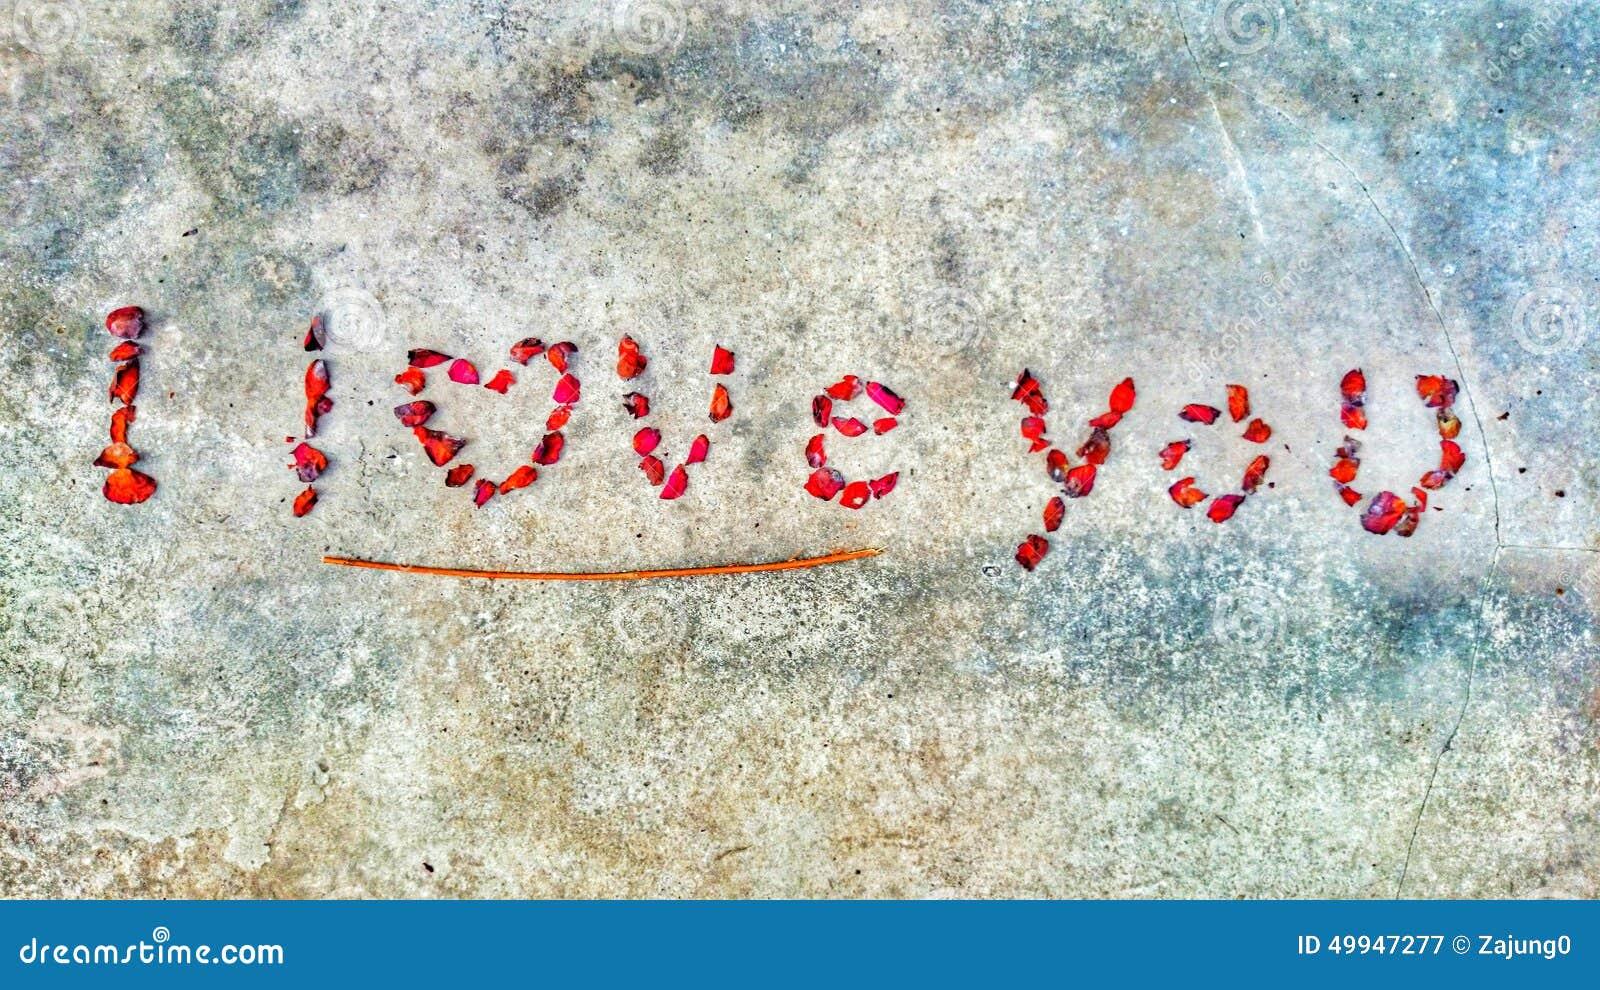 I Love You Imágenes De Stock I Love You Fotos De Stock: I Love You Stock Image. Image Of Dryflower, Petals, Heart